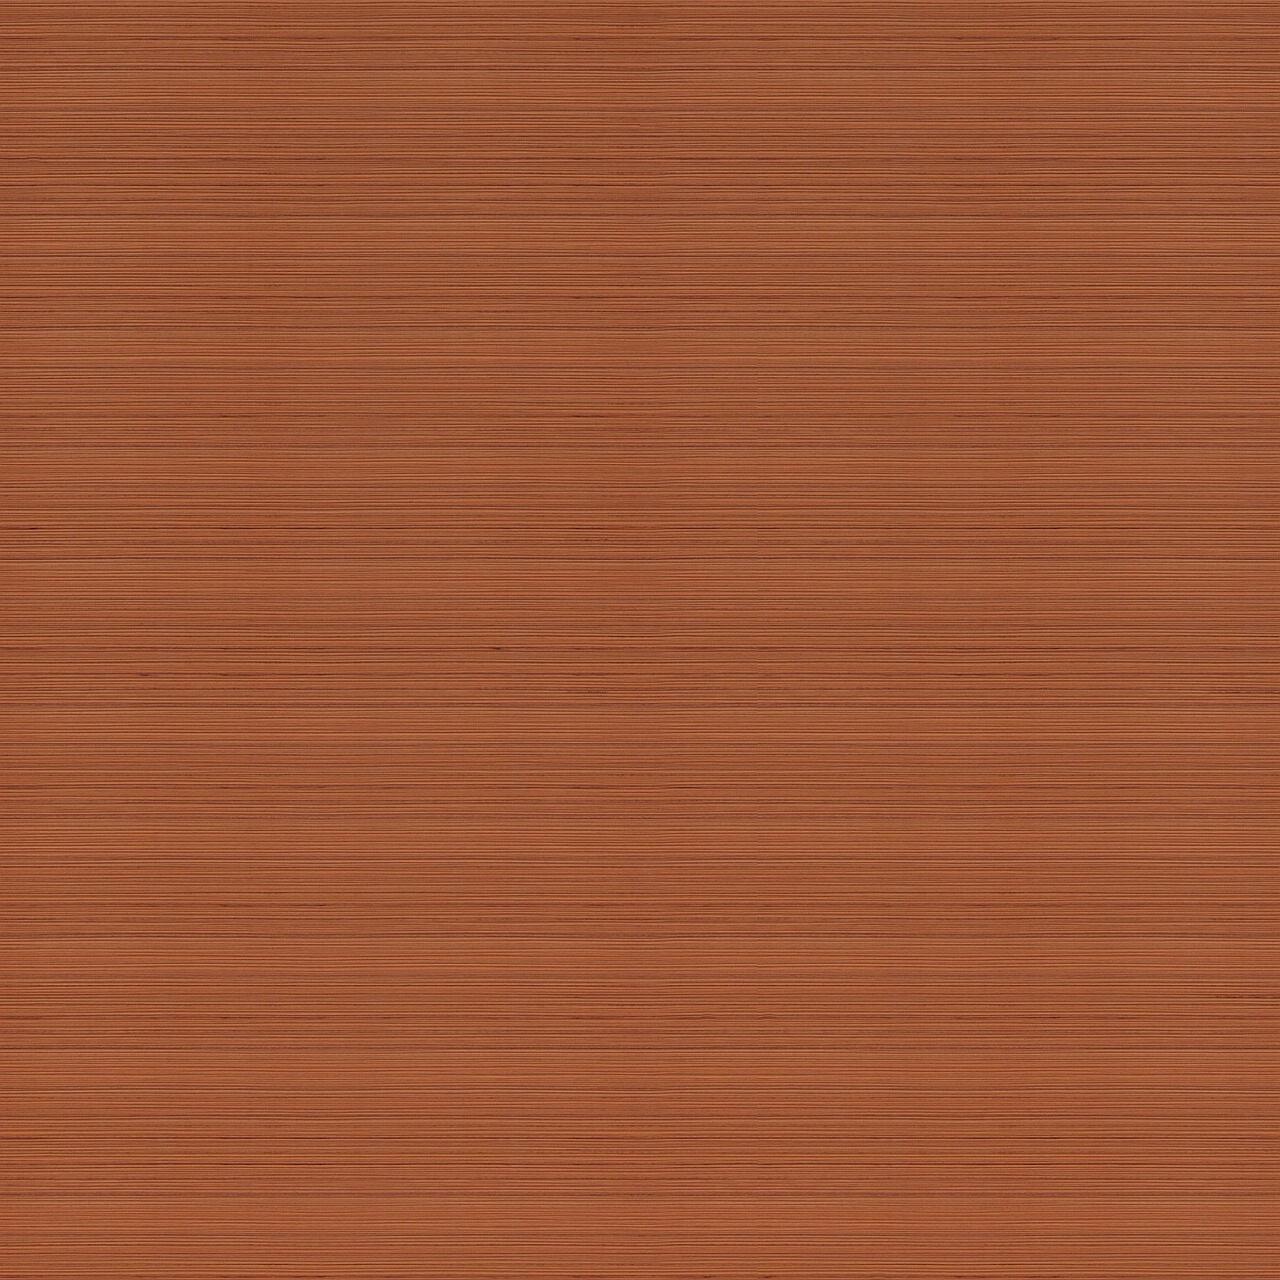 רקע של עץ